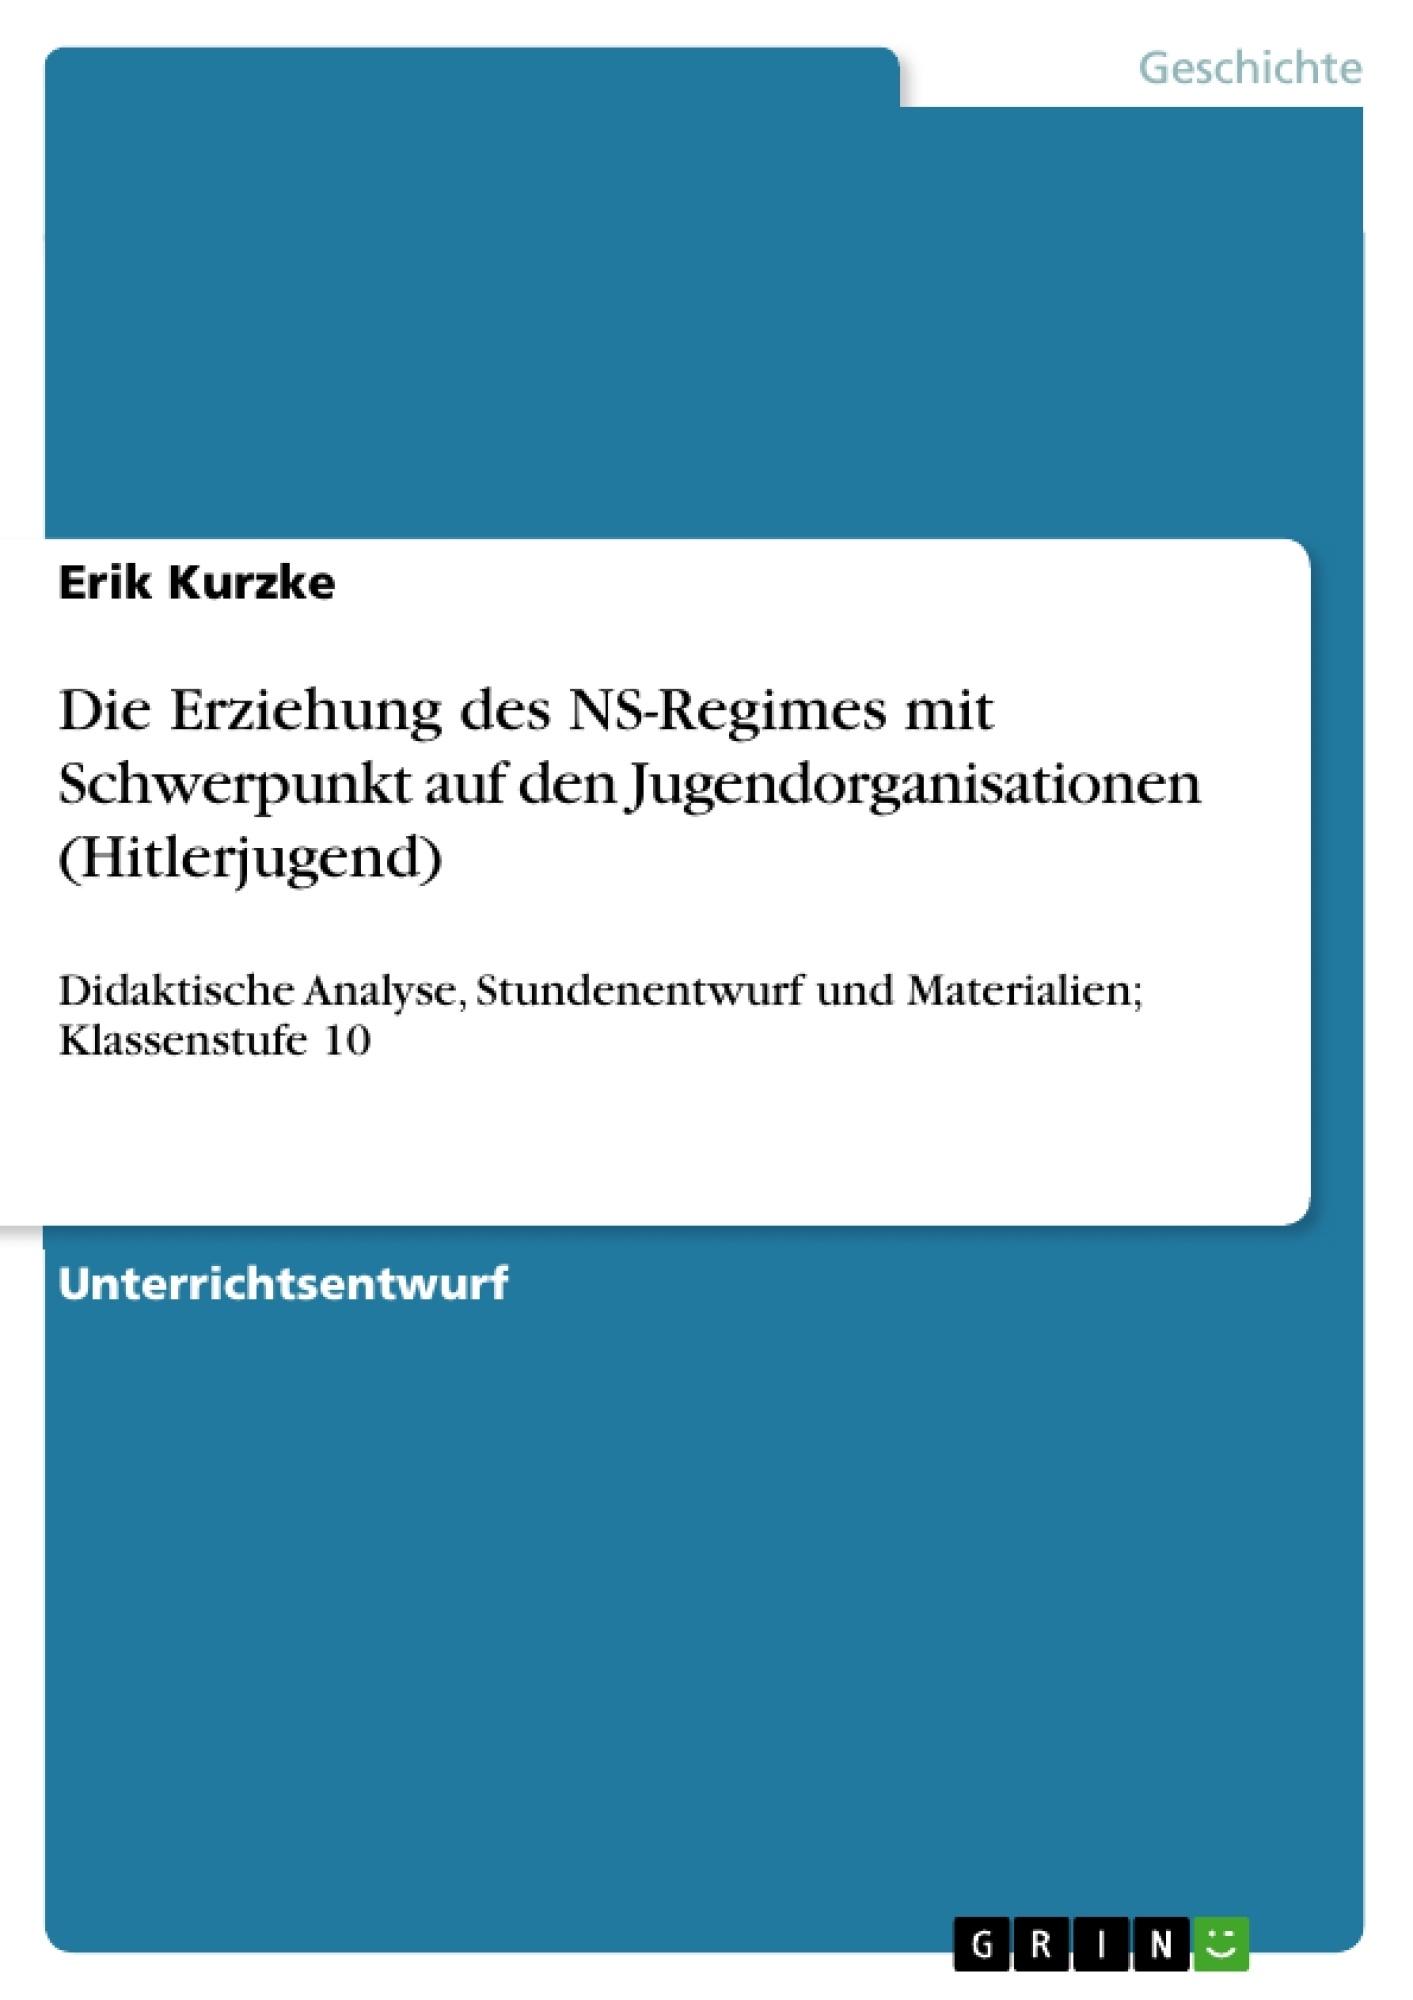 Titel: Die Erziehung des NS-Regimes mit Schwerpunkt auf den Jugendorganisationen (Hitlerjugend)